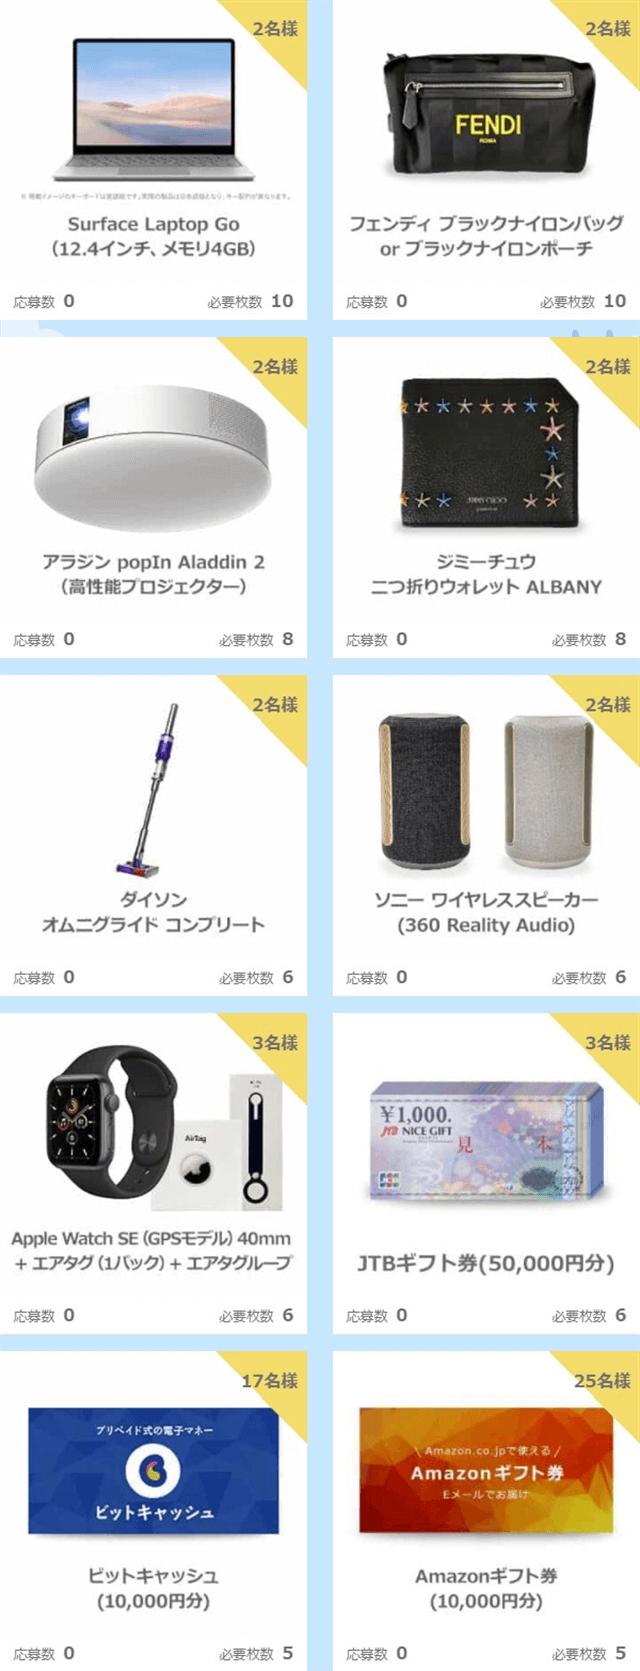 ハッピーメールサマーキャンペーン2021ウィクリー抽選第1週賞品